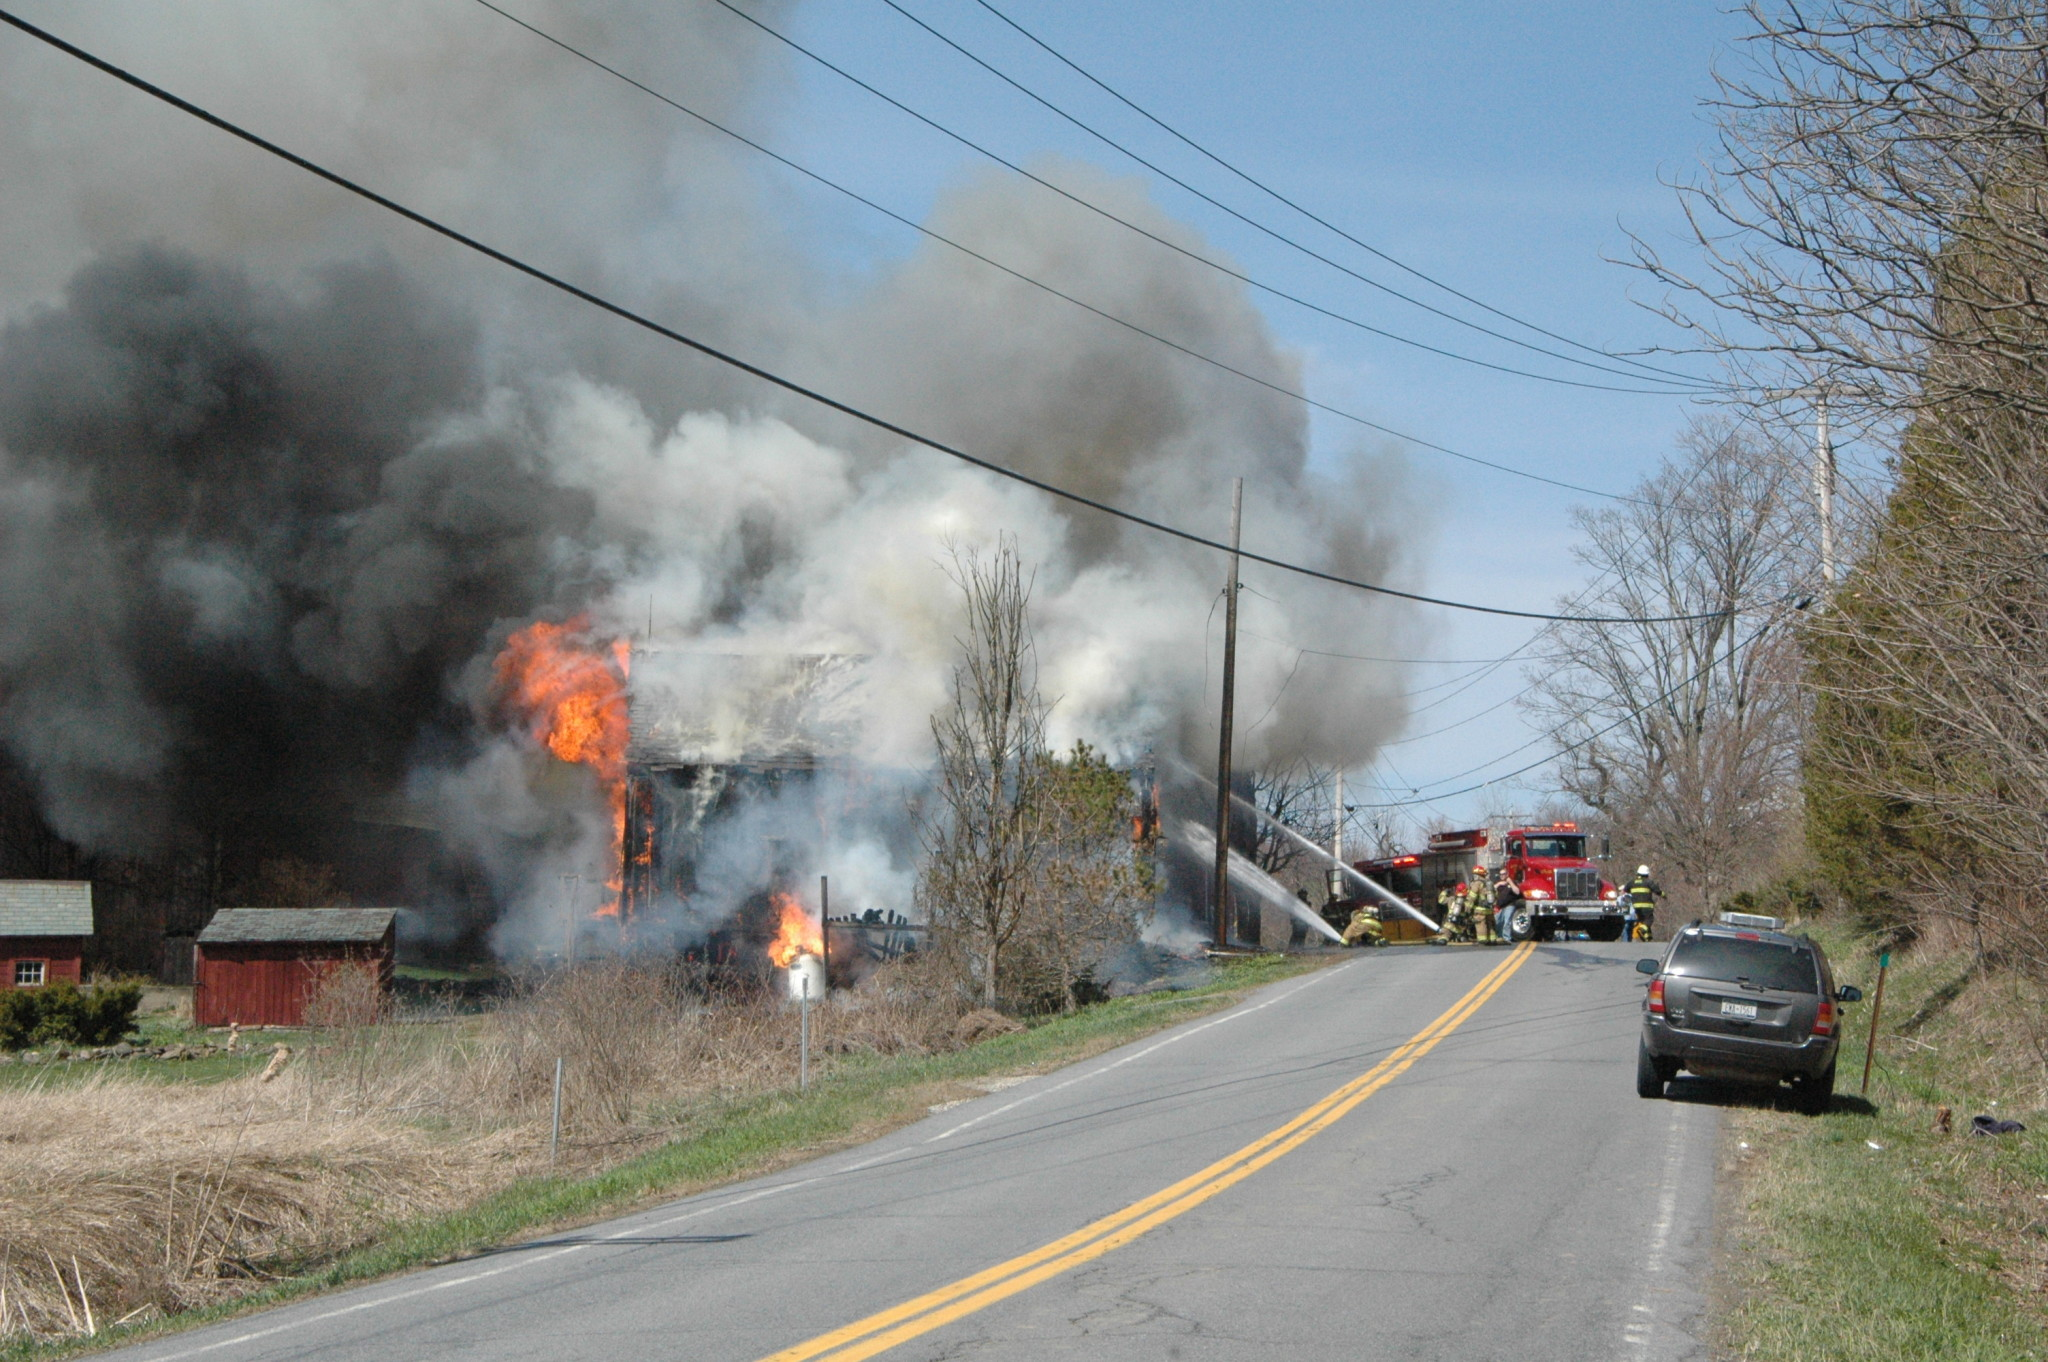 Fire destorys barn